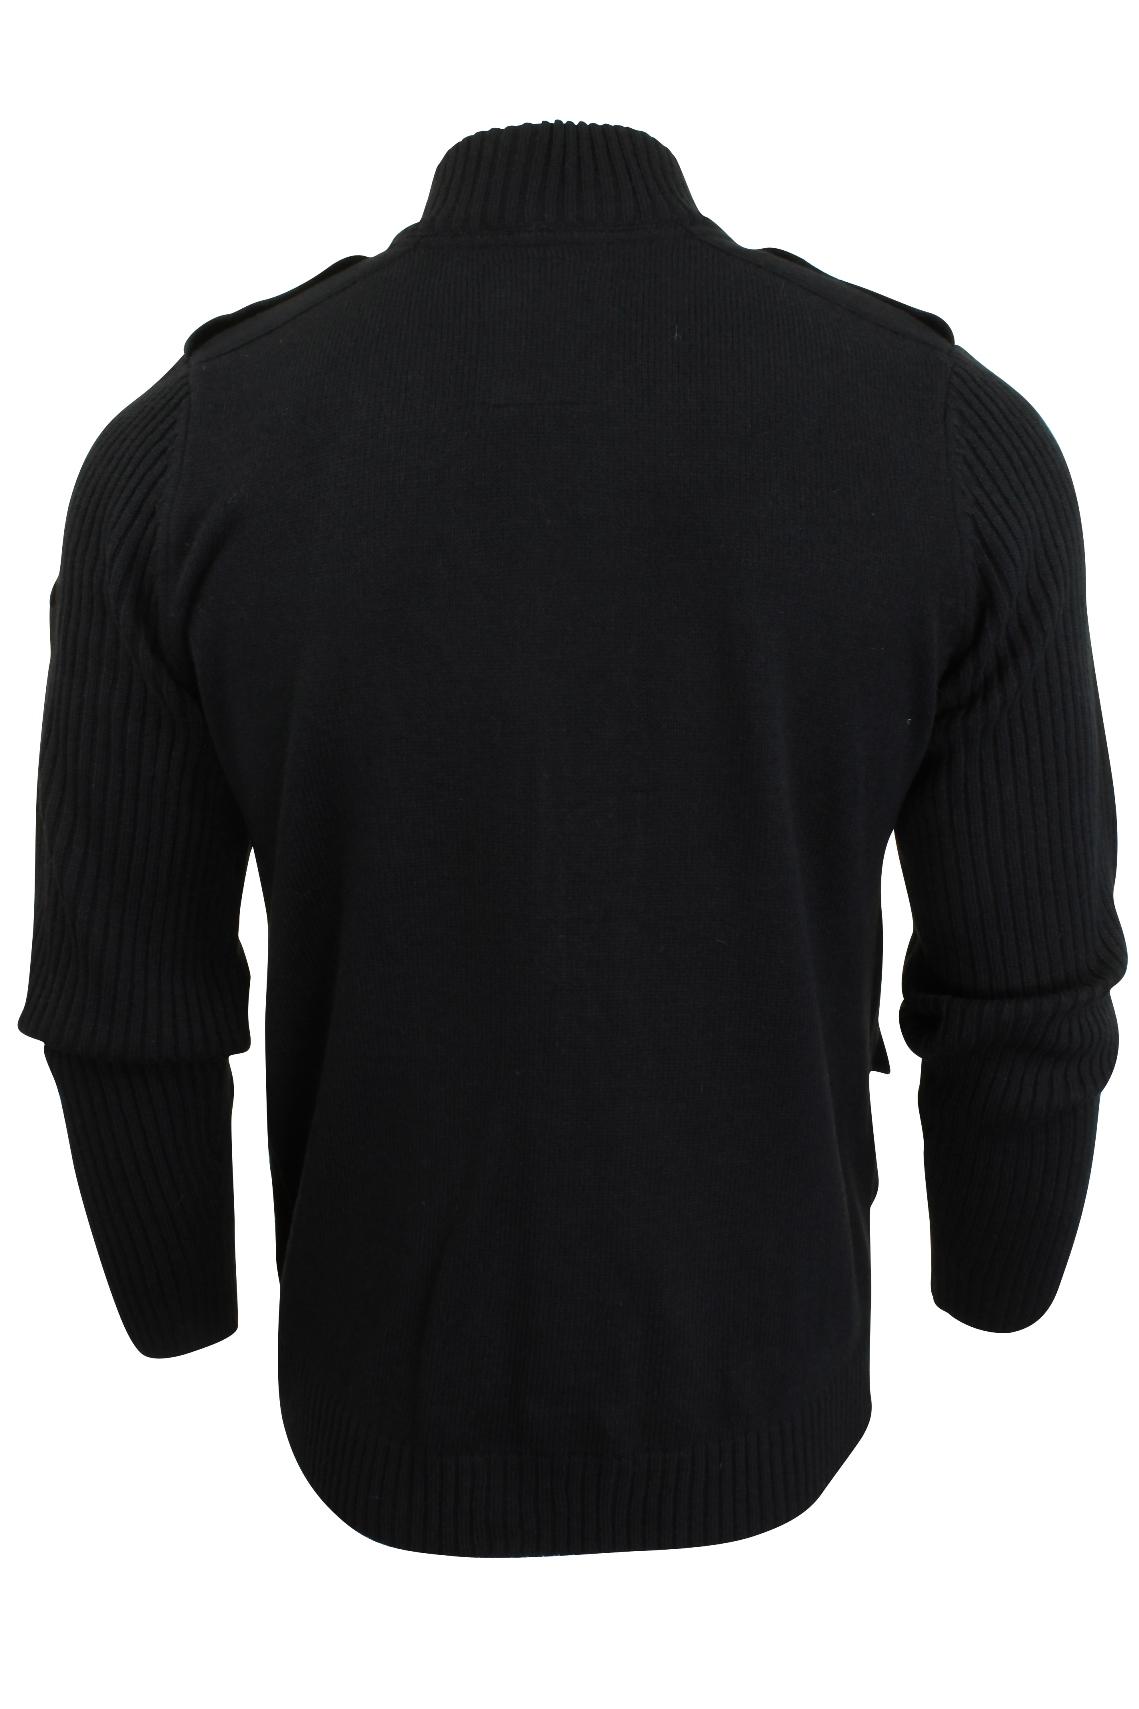 gilet pull m lange de laine style militaire par tokyo laundry pour homme ebay. Black Bedroom Furniture Sets. Home Design Ideas